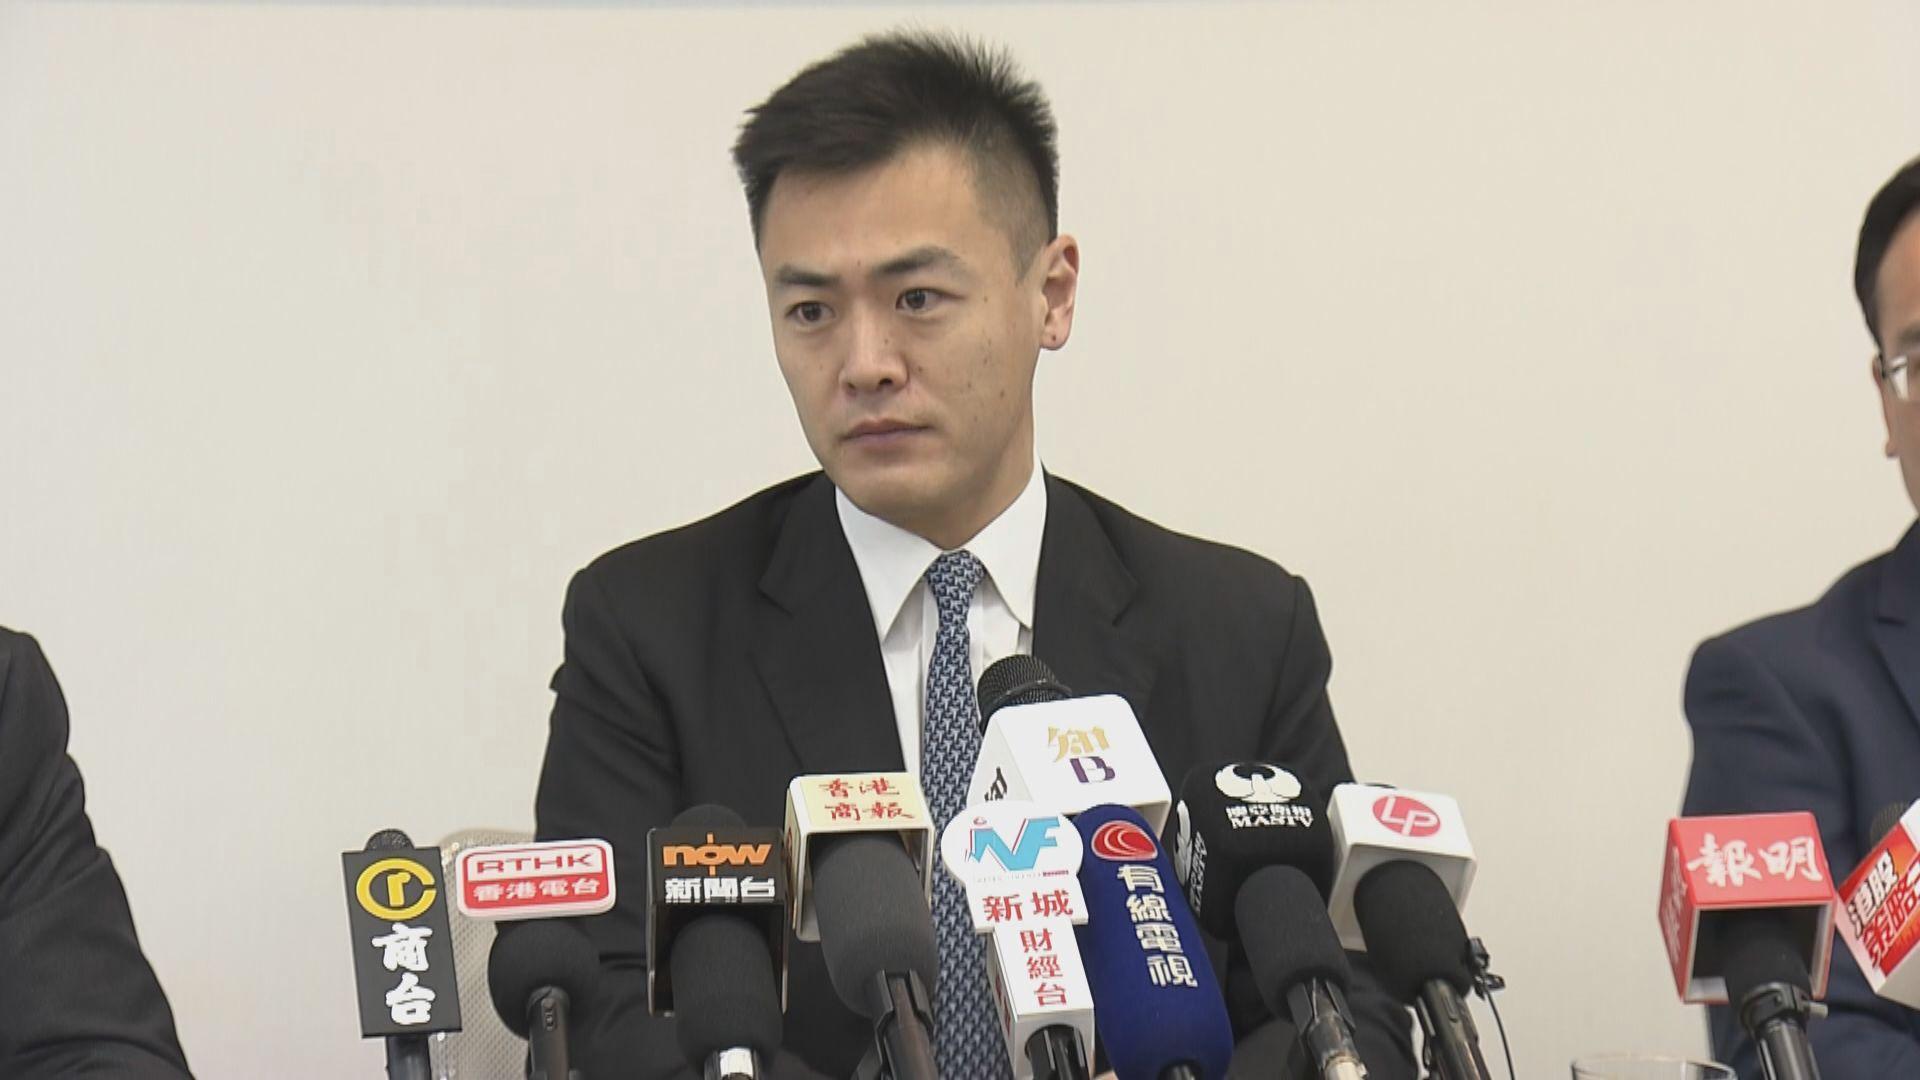 劉鳴煒:有人對判案結果輸打贏要是損害法治